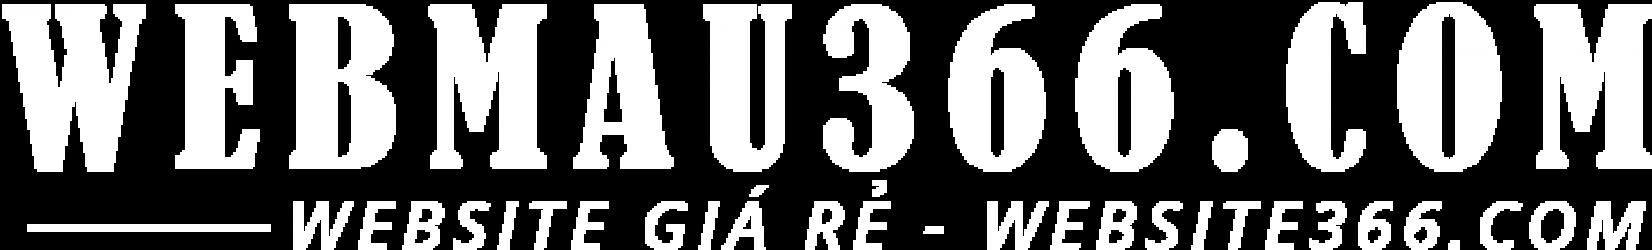 Mẫu website nội thất 01 – Thiết kế website 366